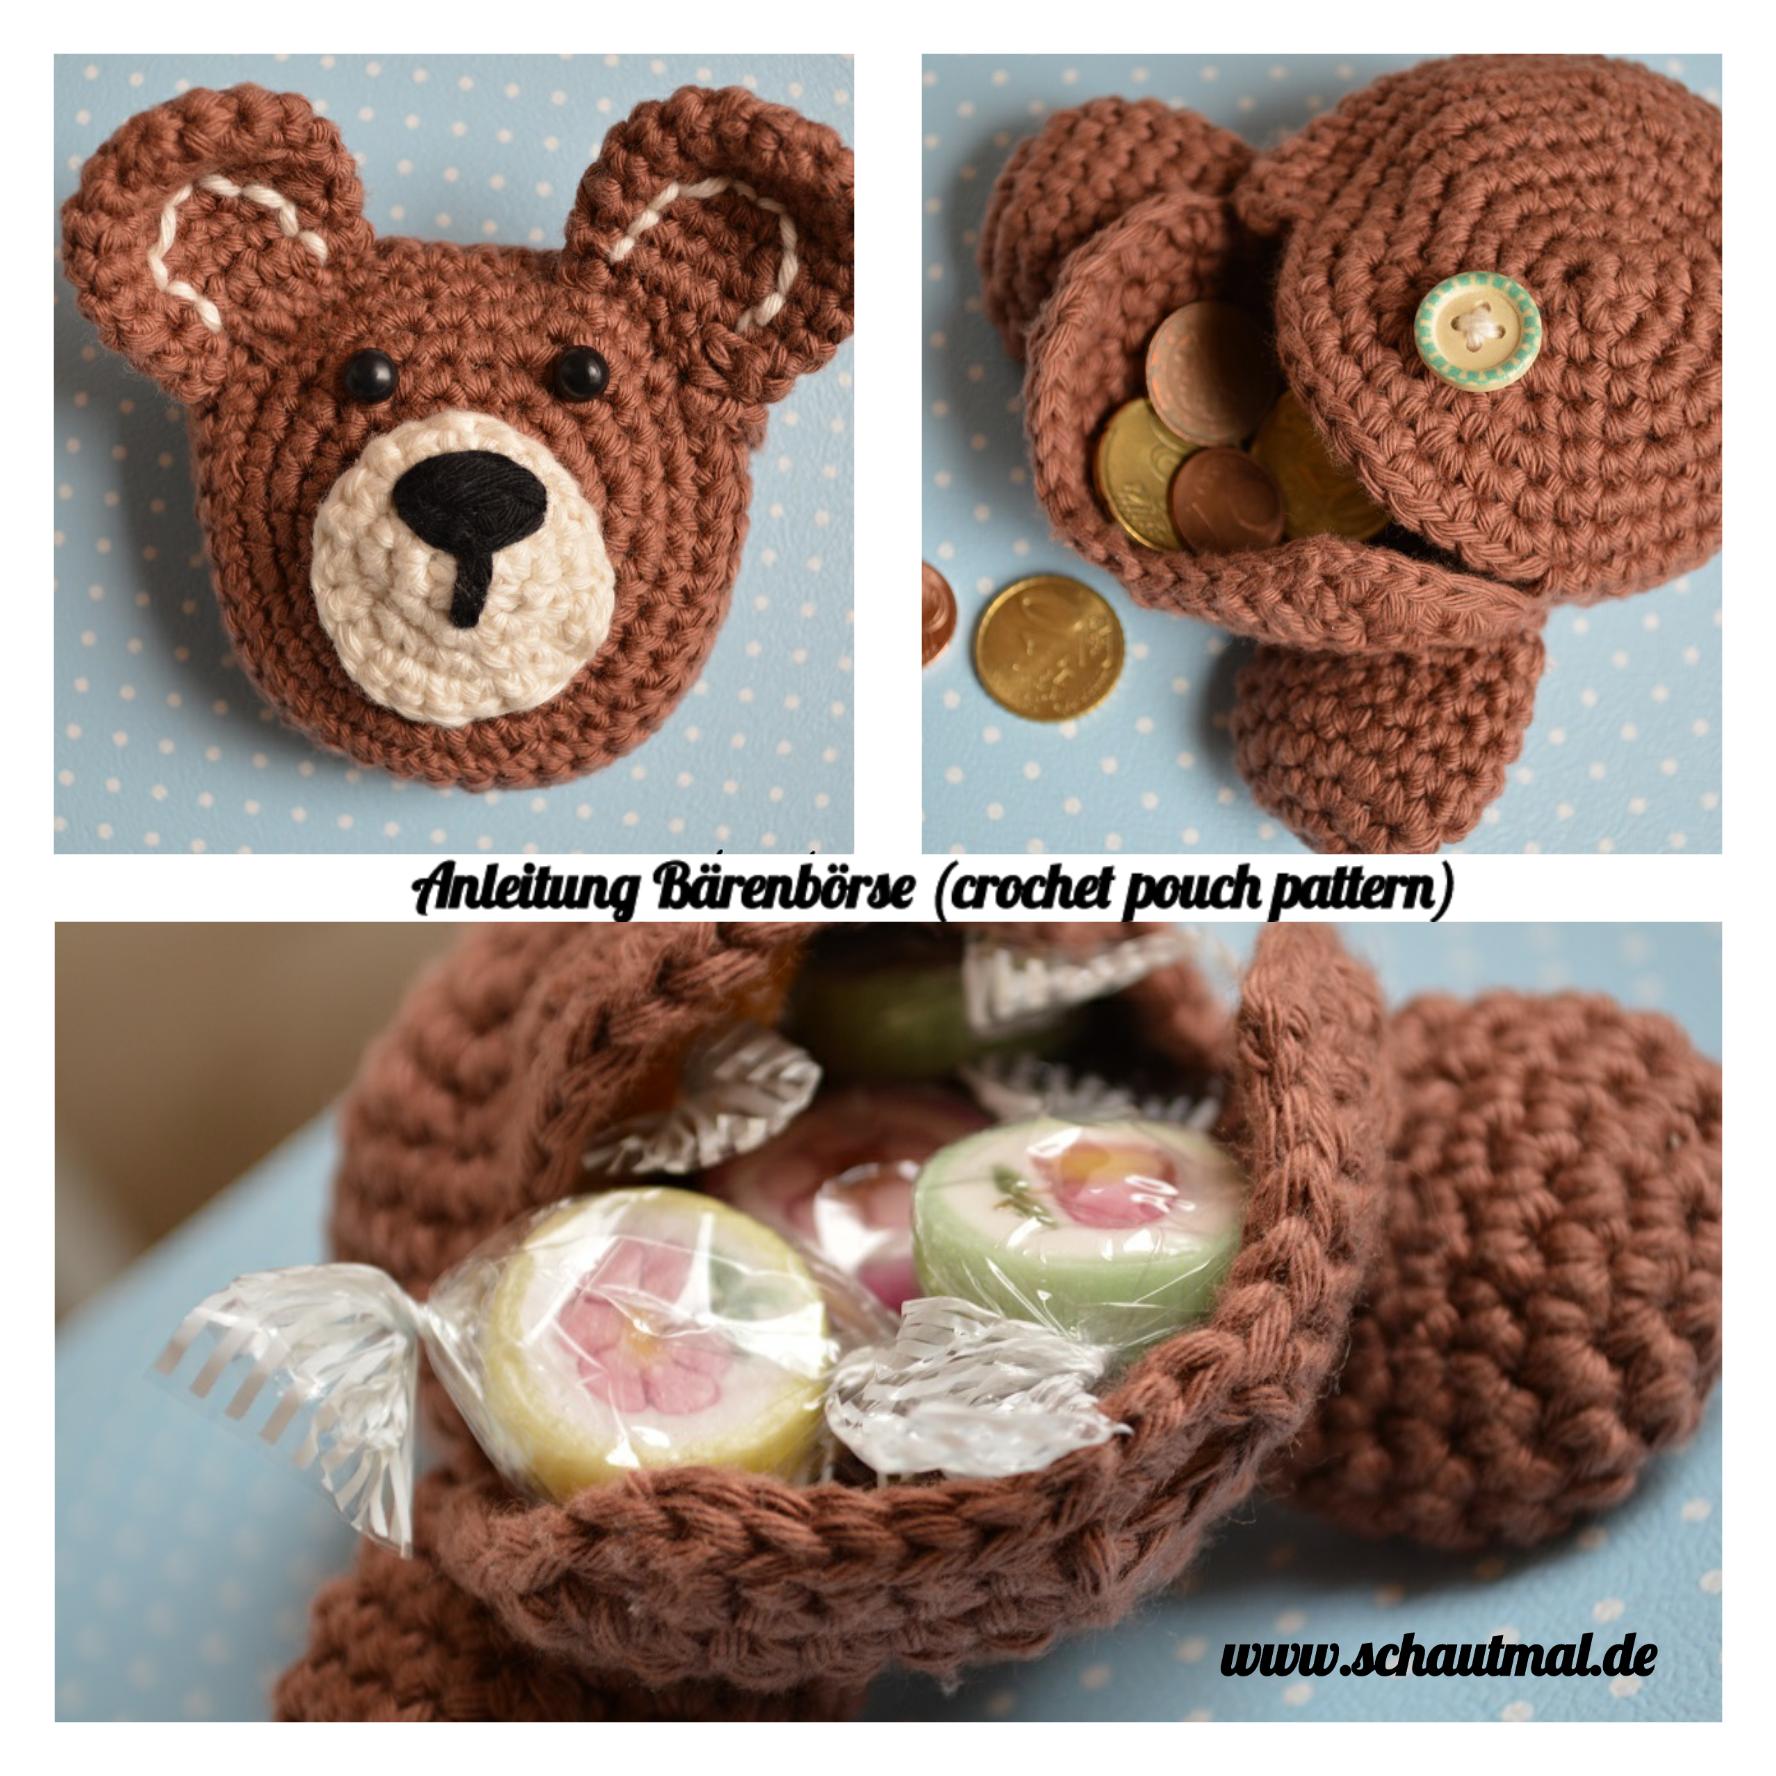 Schaut Mal: Baerenboerse Anleitung | Сrochet and knitting wallets ...